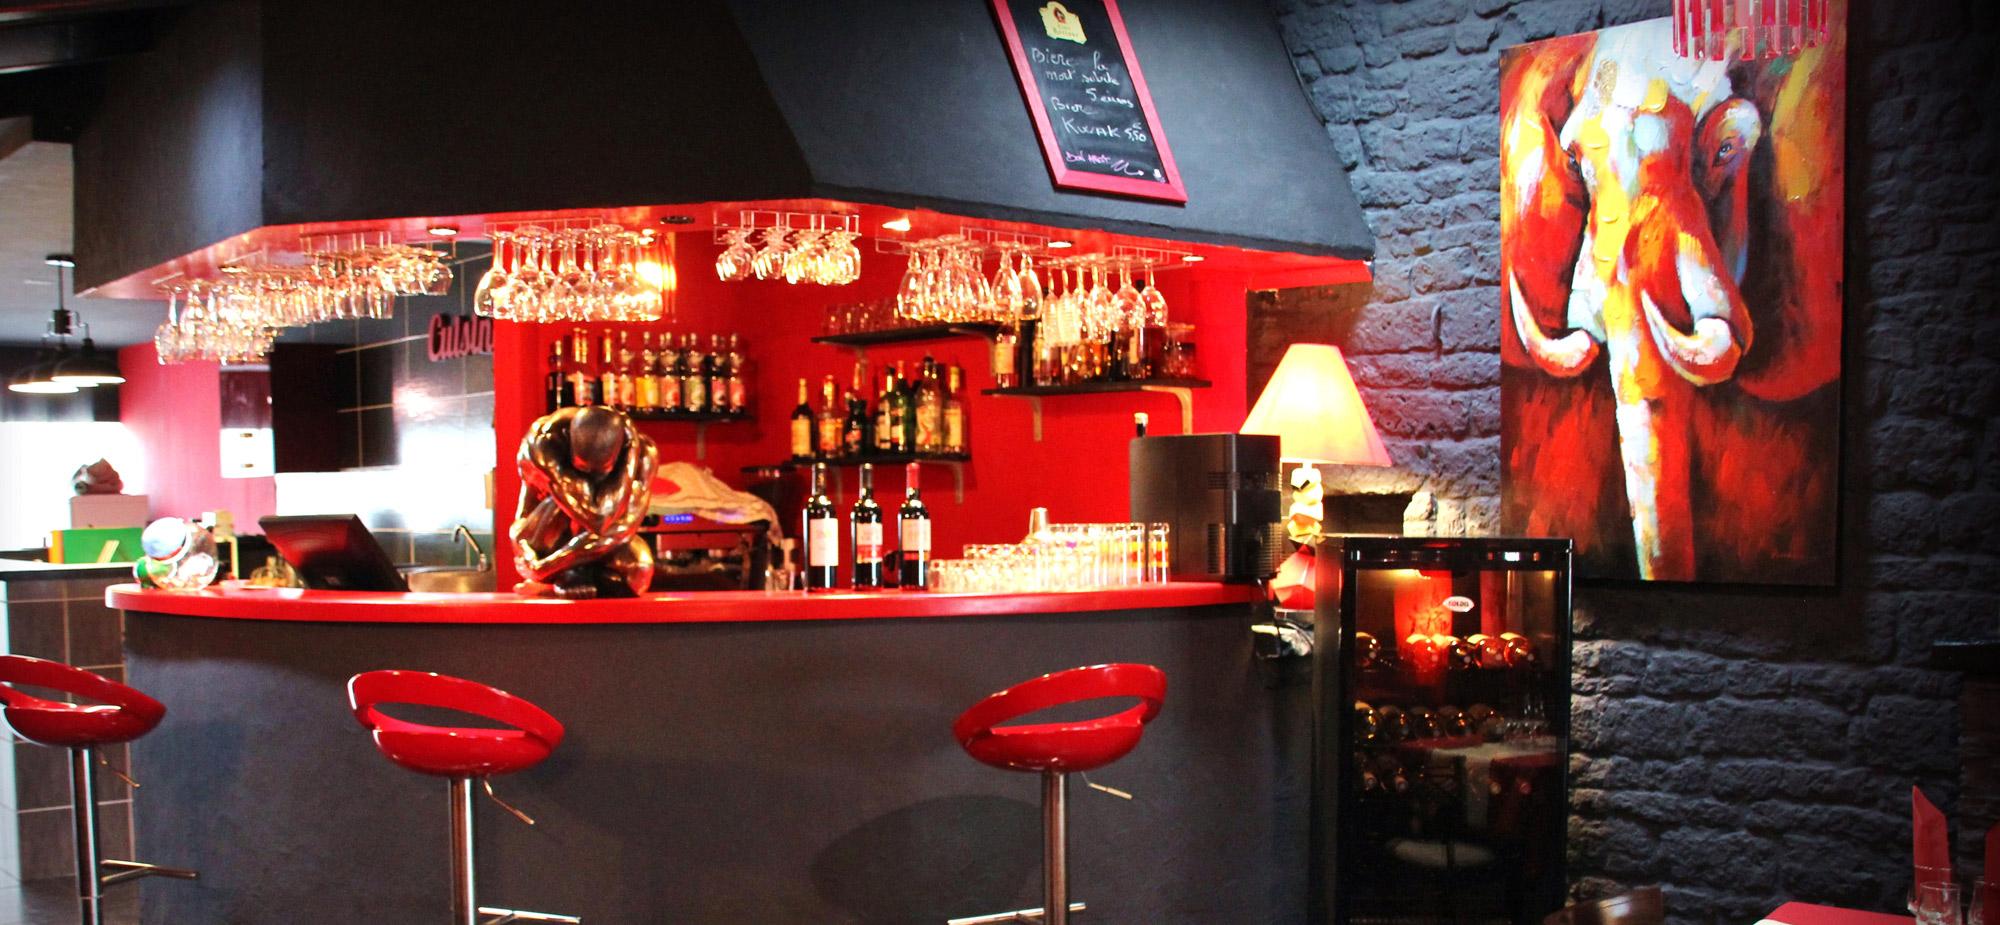 comptoir-bar-restaurant-creperie-fleur-ble-noir-saint-pierre-oleron-17310